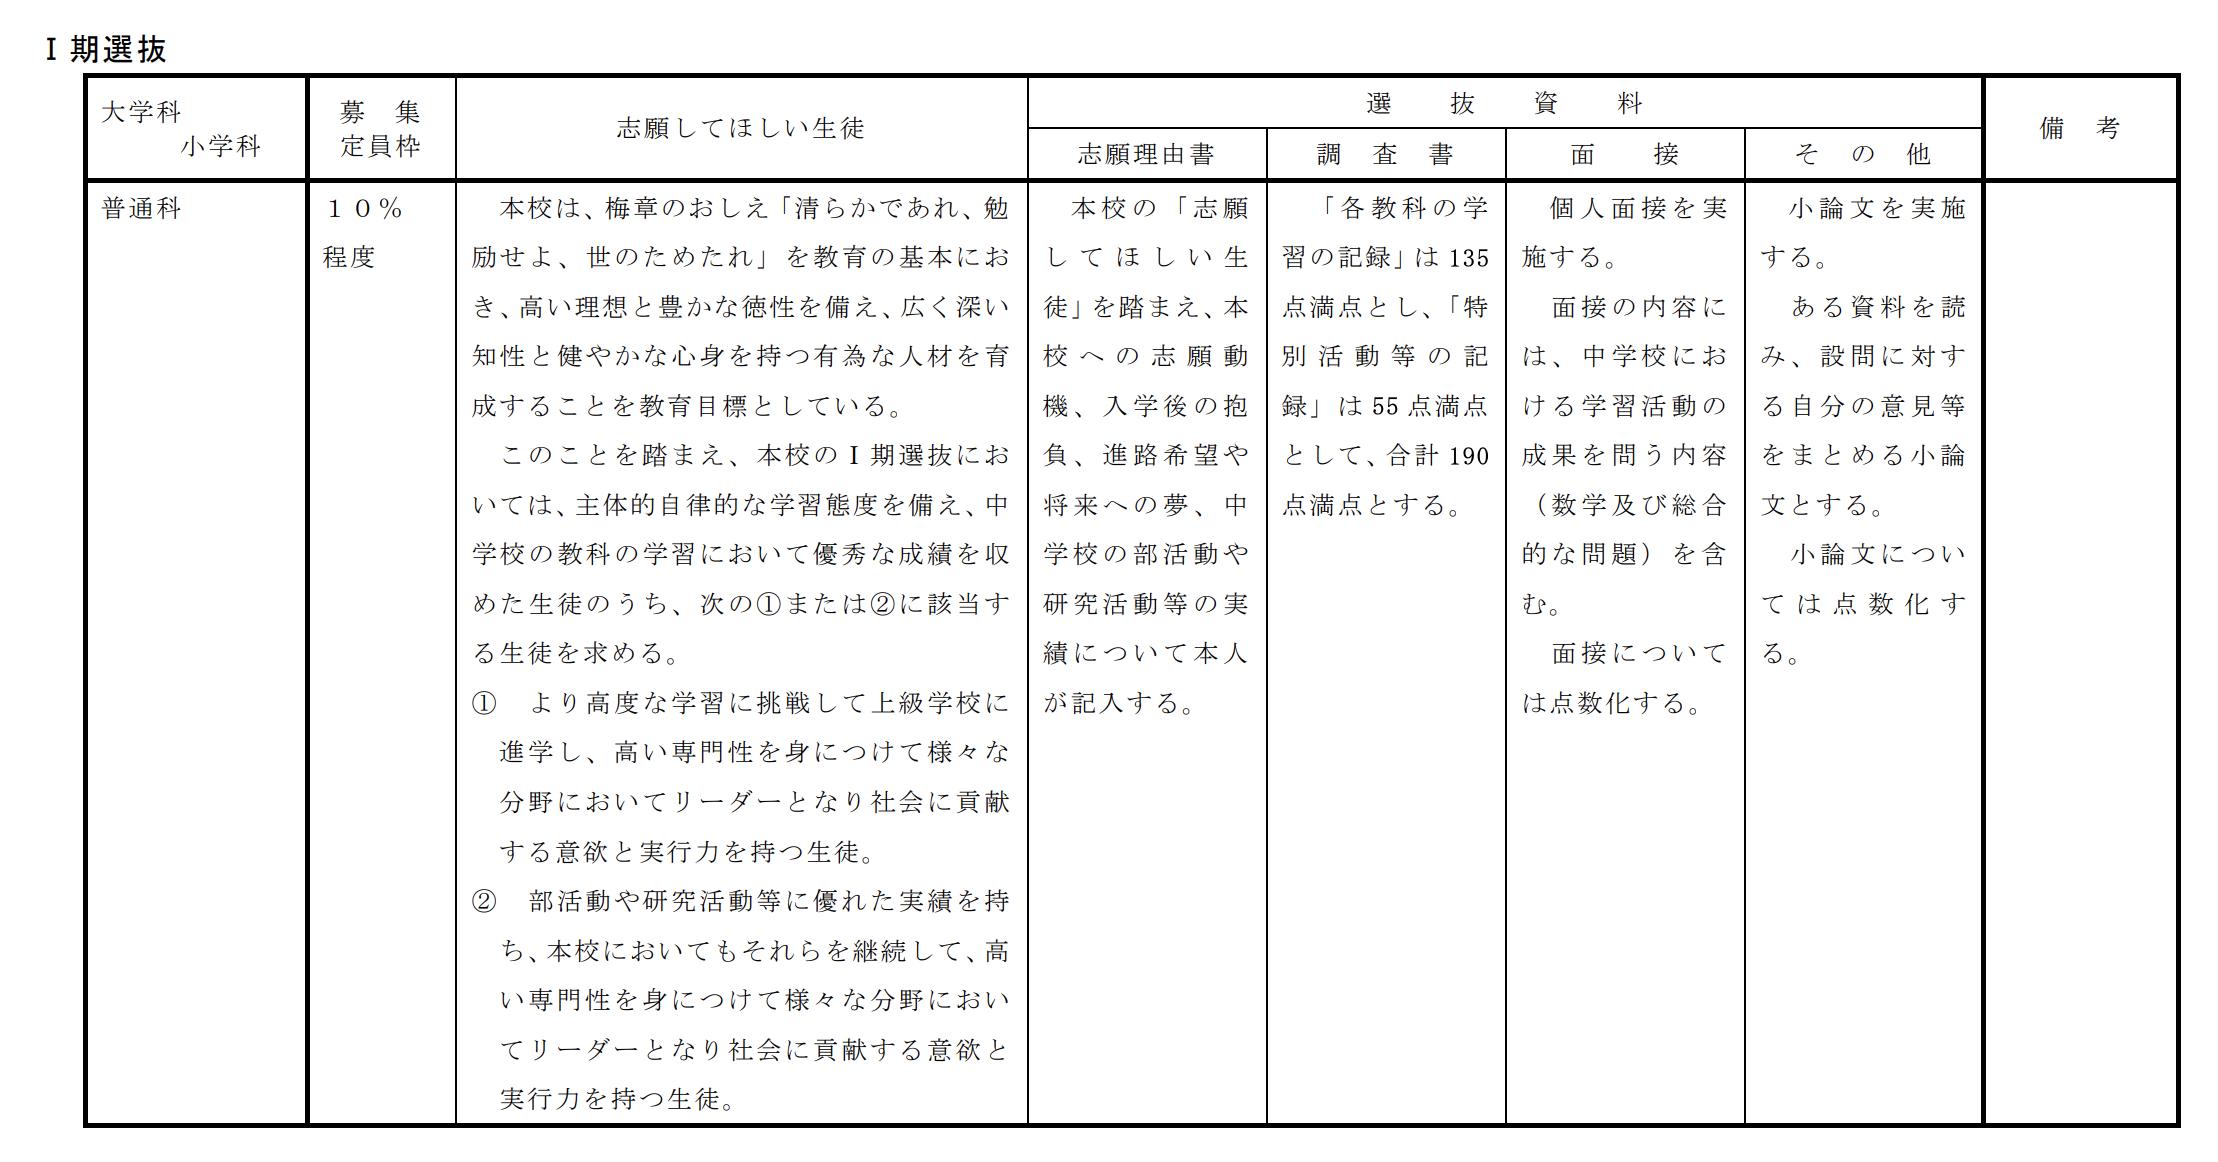 福島県公立高校入試制度3